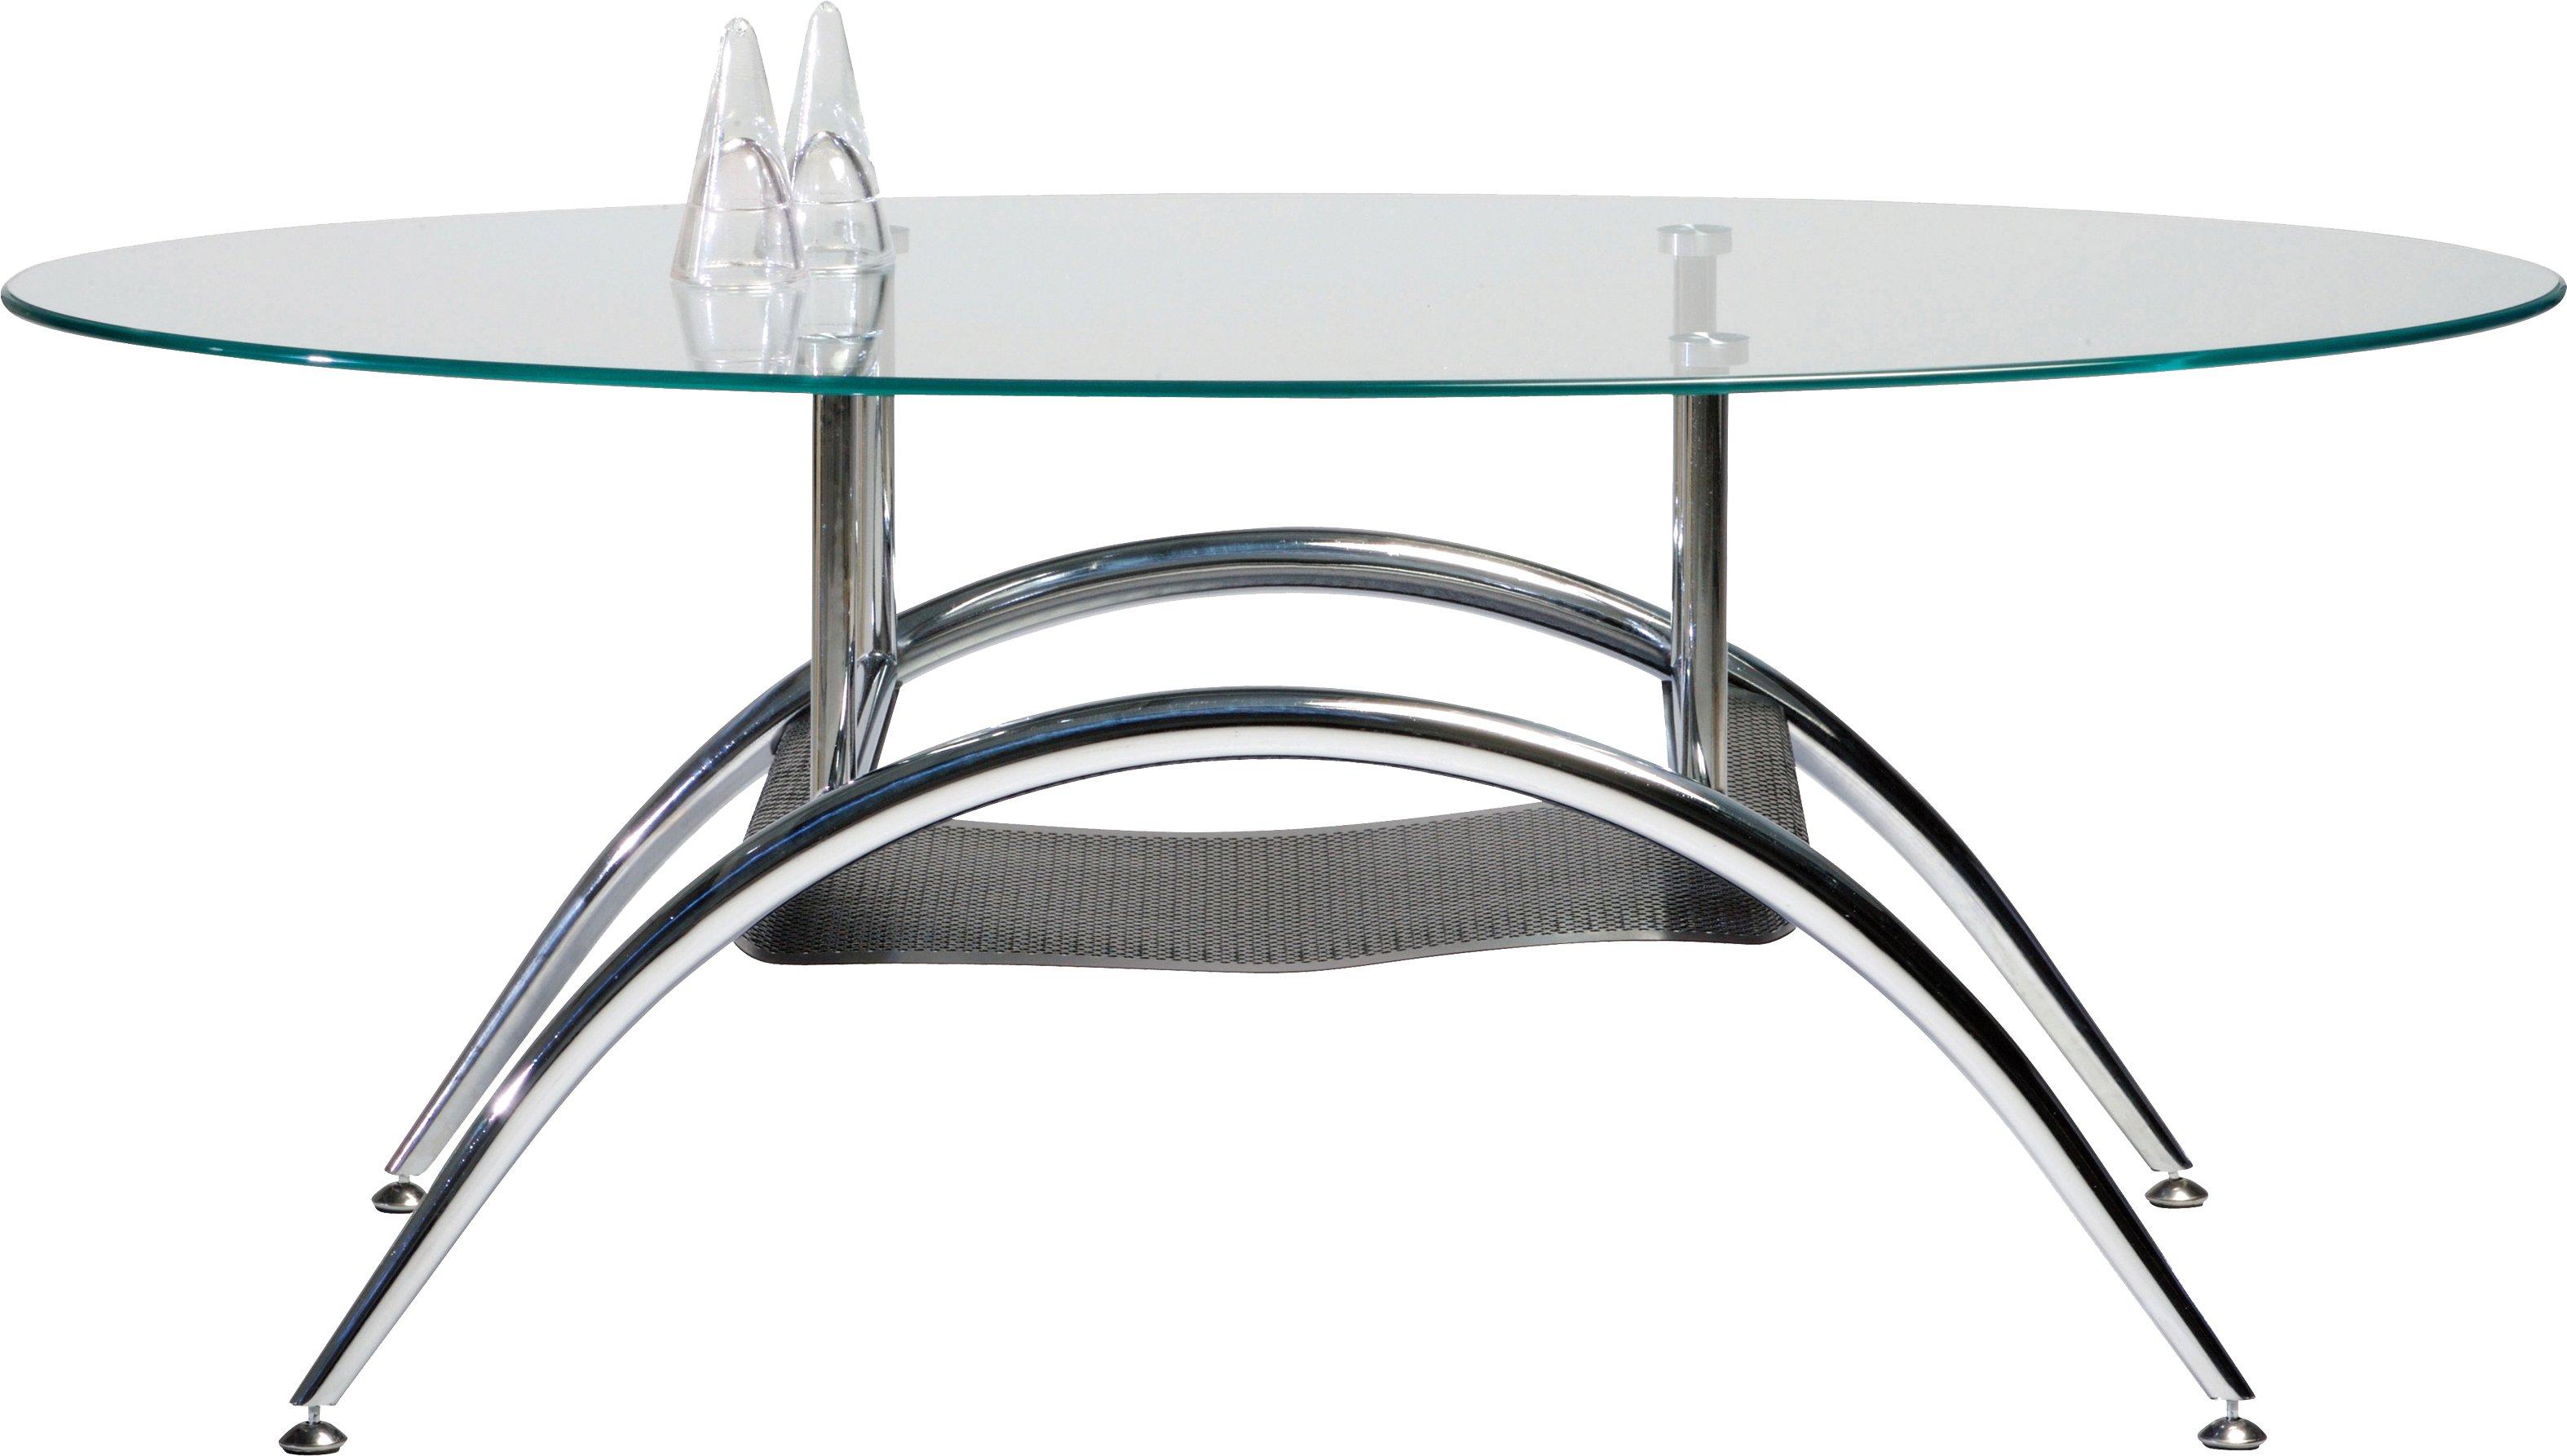 table basse ovale les meilleurs prix avec le guide d 39 achat kibodio. Black Bedroom Furniture Sets. Home Design Ideas